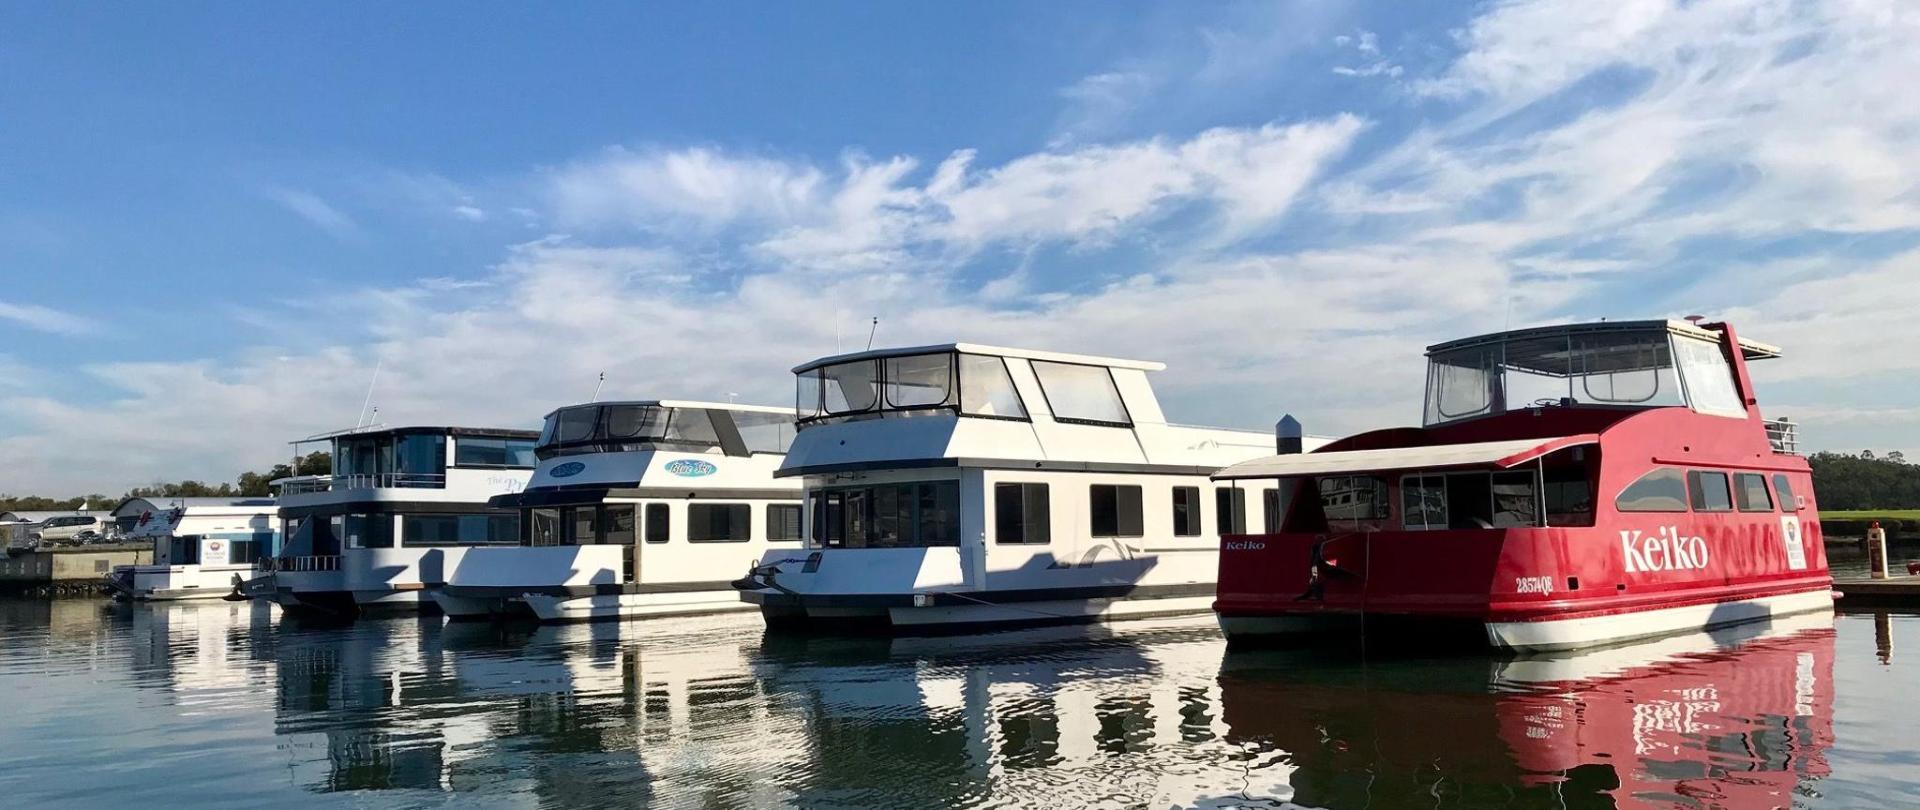 Coomera Houseboats